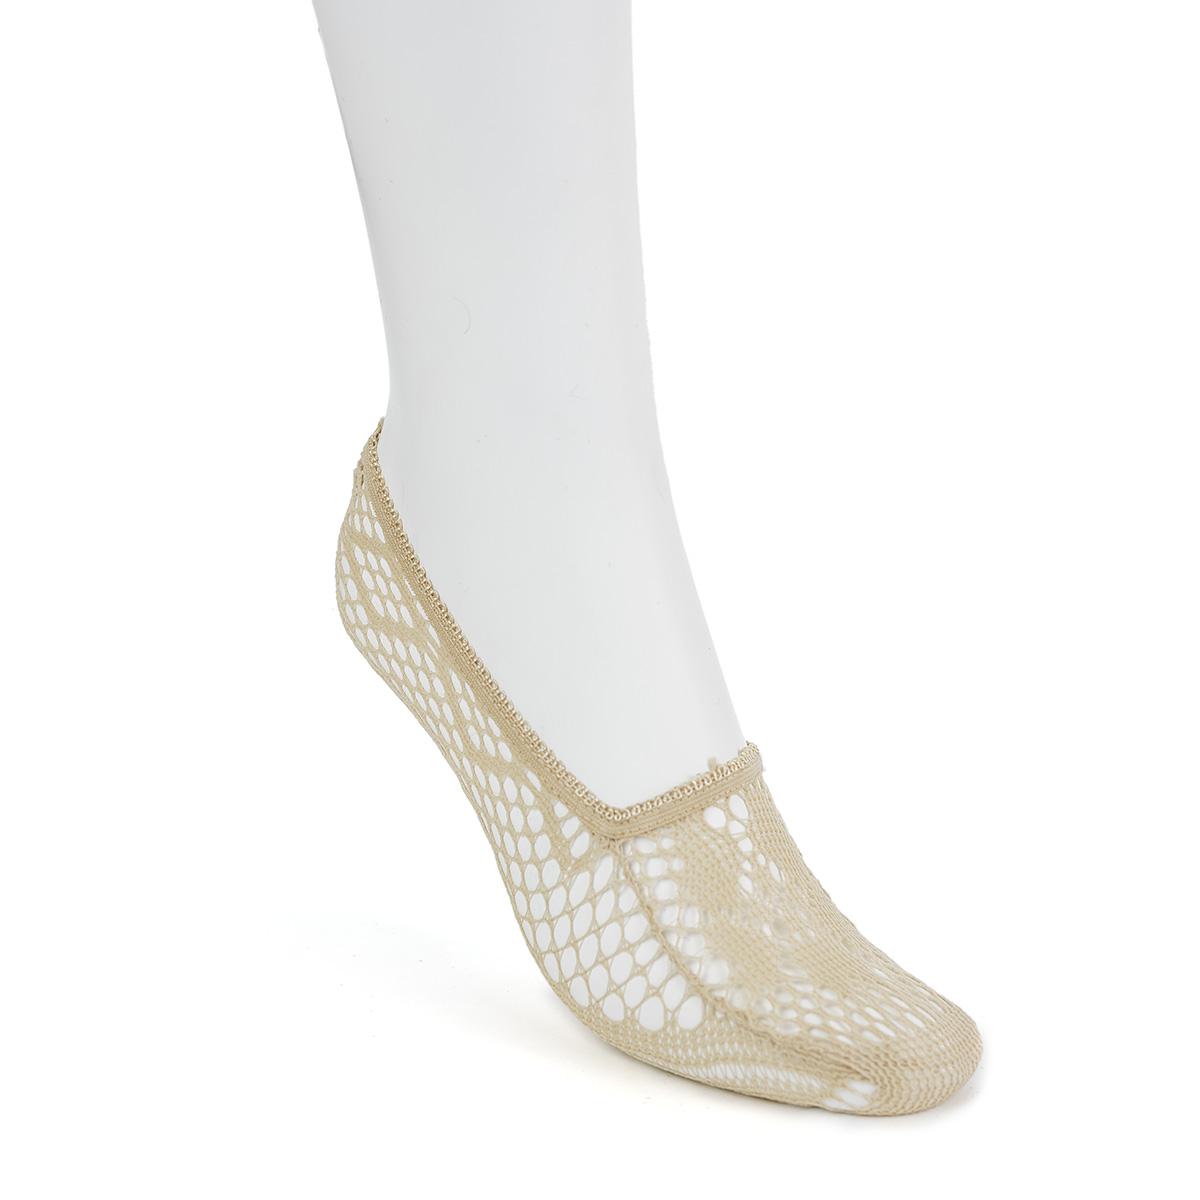 Следки Korea, цвет ТелесныйНоски и чулки<br><br><br>Тип: Жен. носки<br>Размер: 37-41<br>Материал: Полиэстер